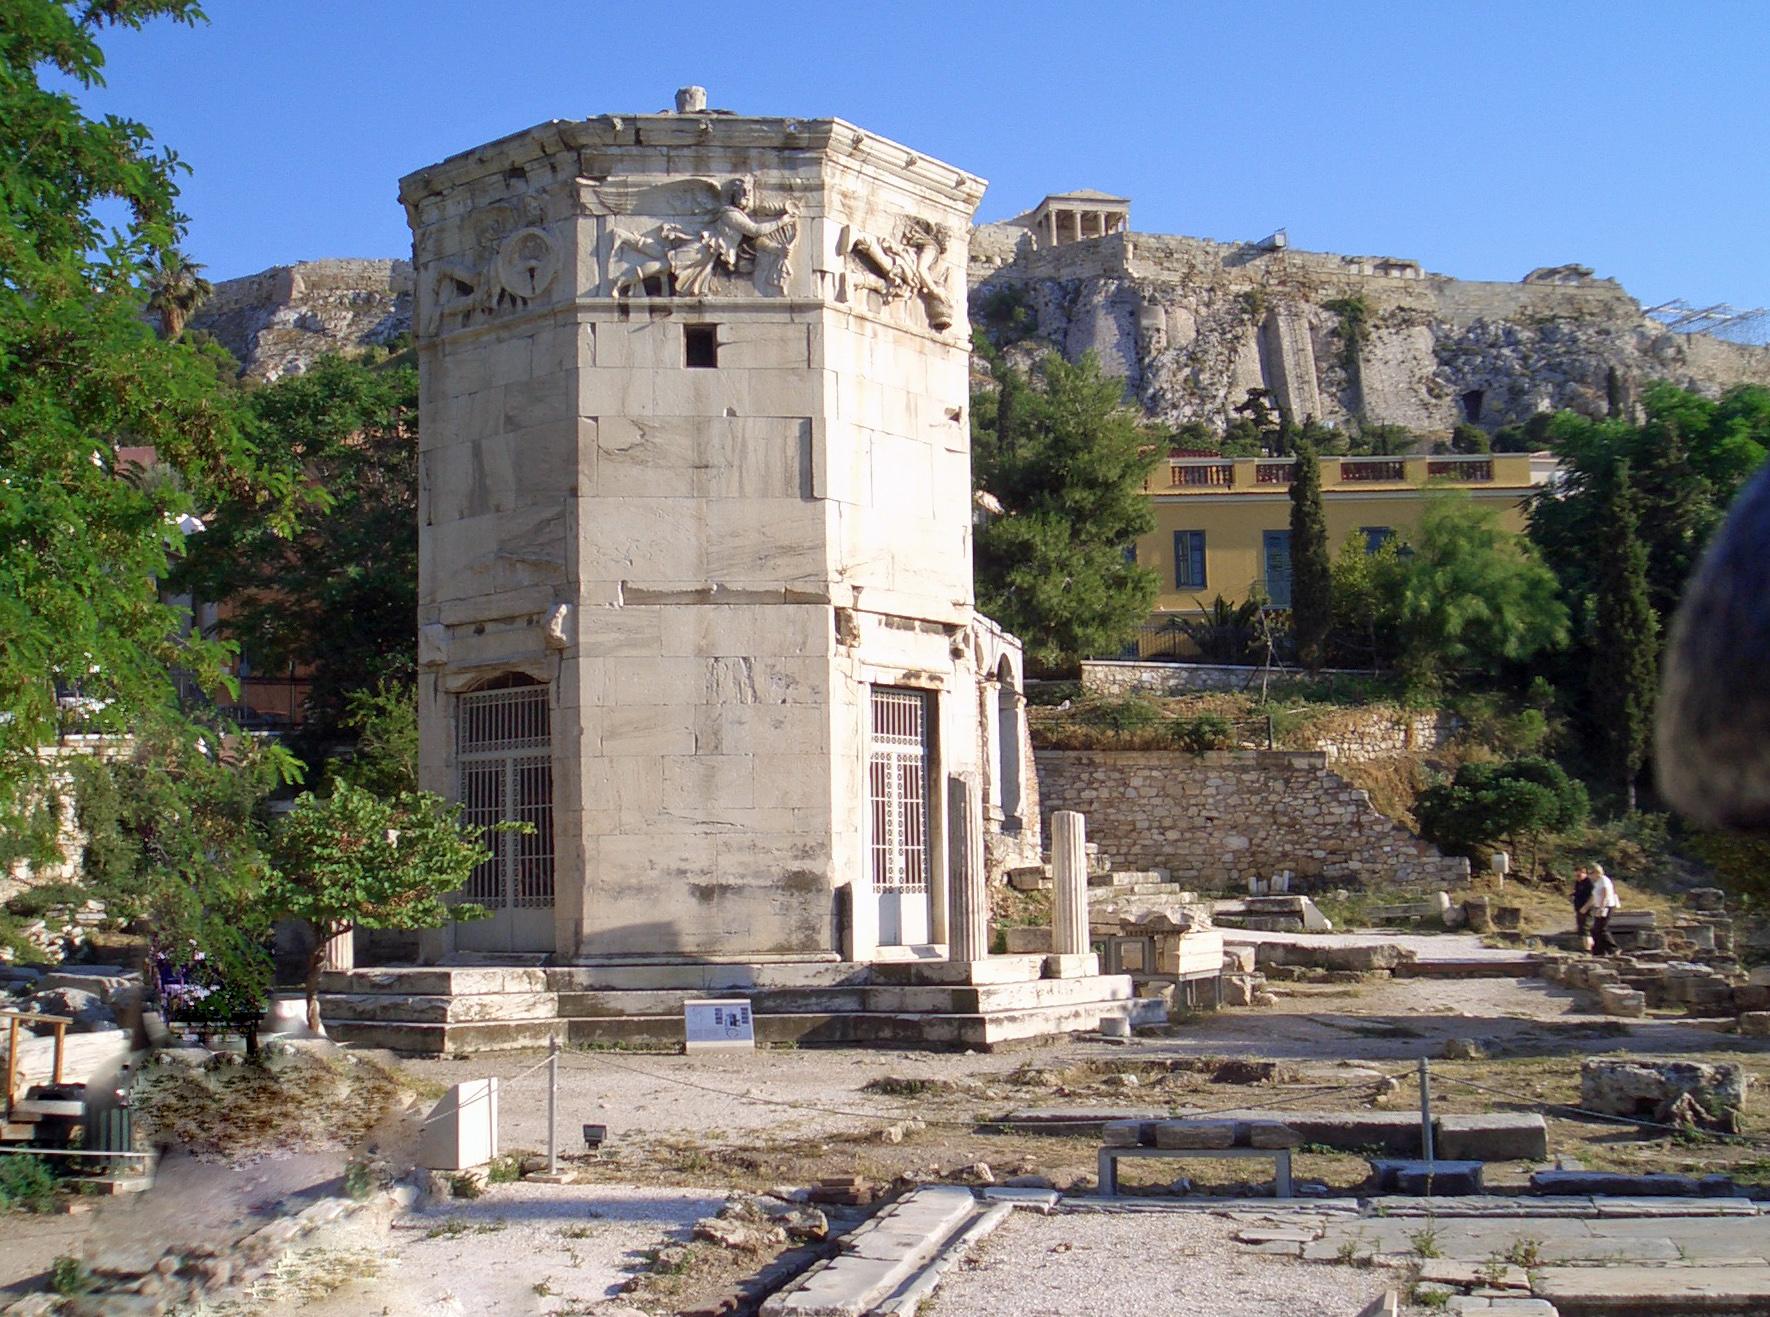 Atenas,Grecia.Cuna de la Civilizacion Occidental